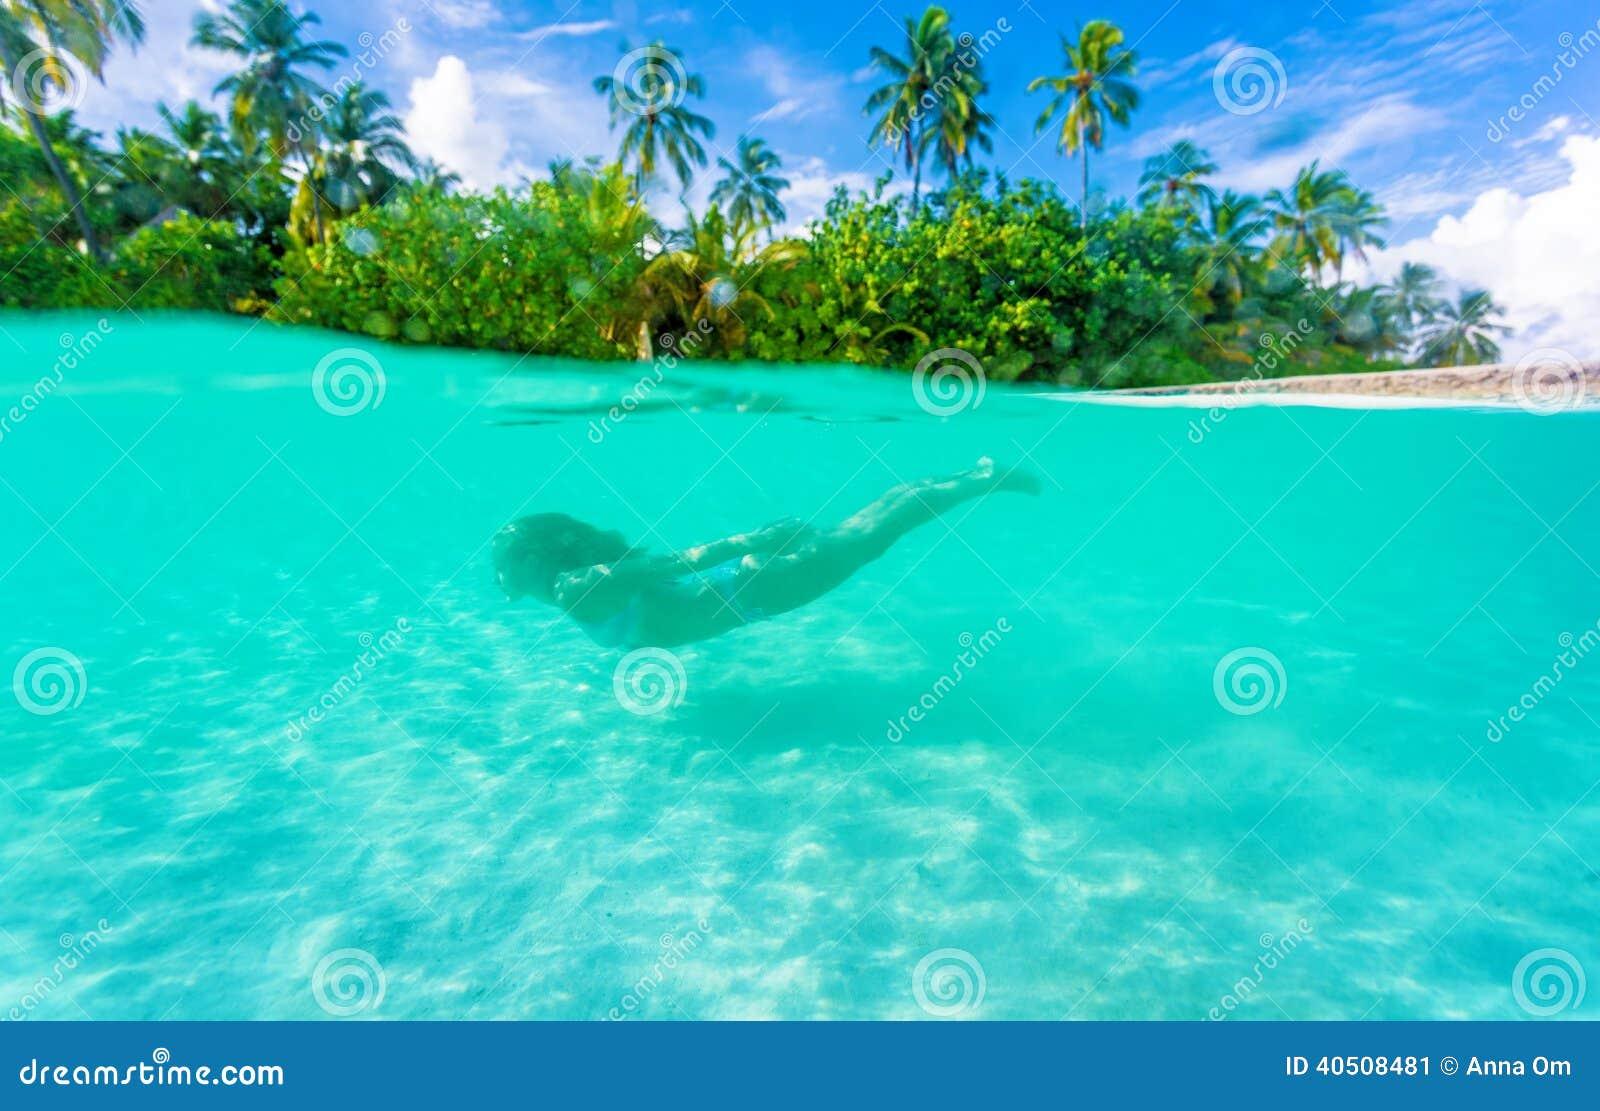 Mergulho fêmea perto da ilha exótica